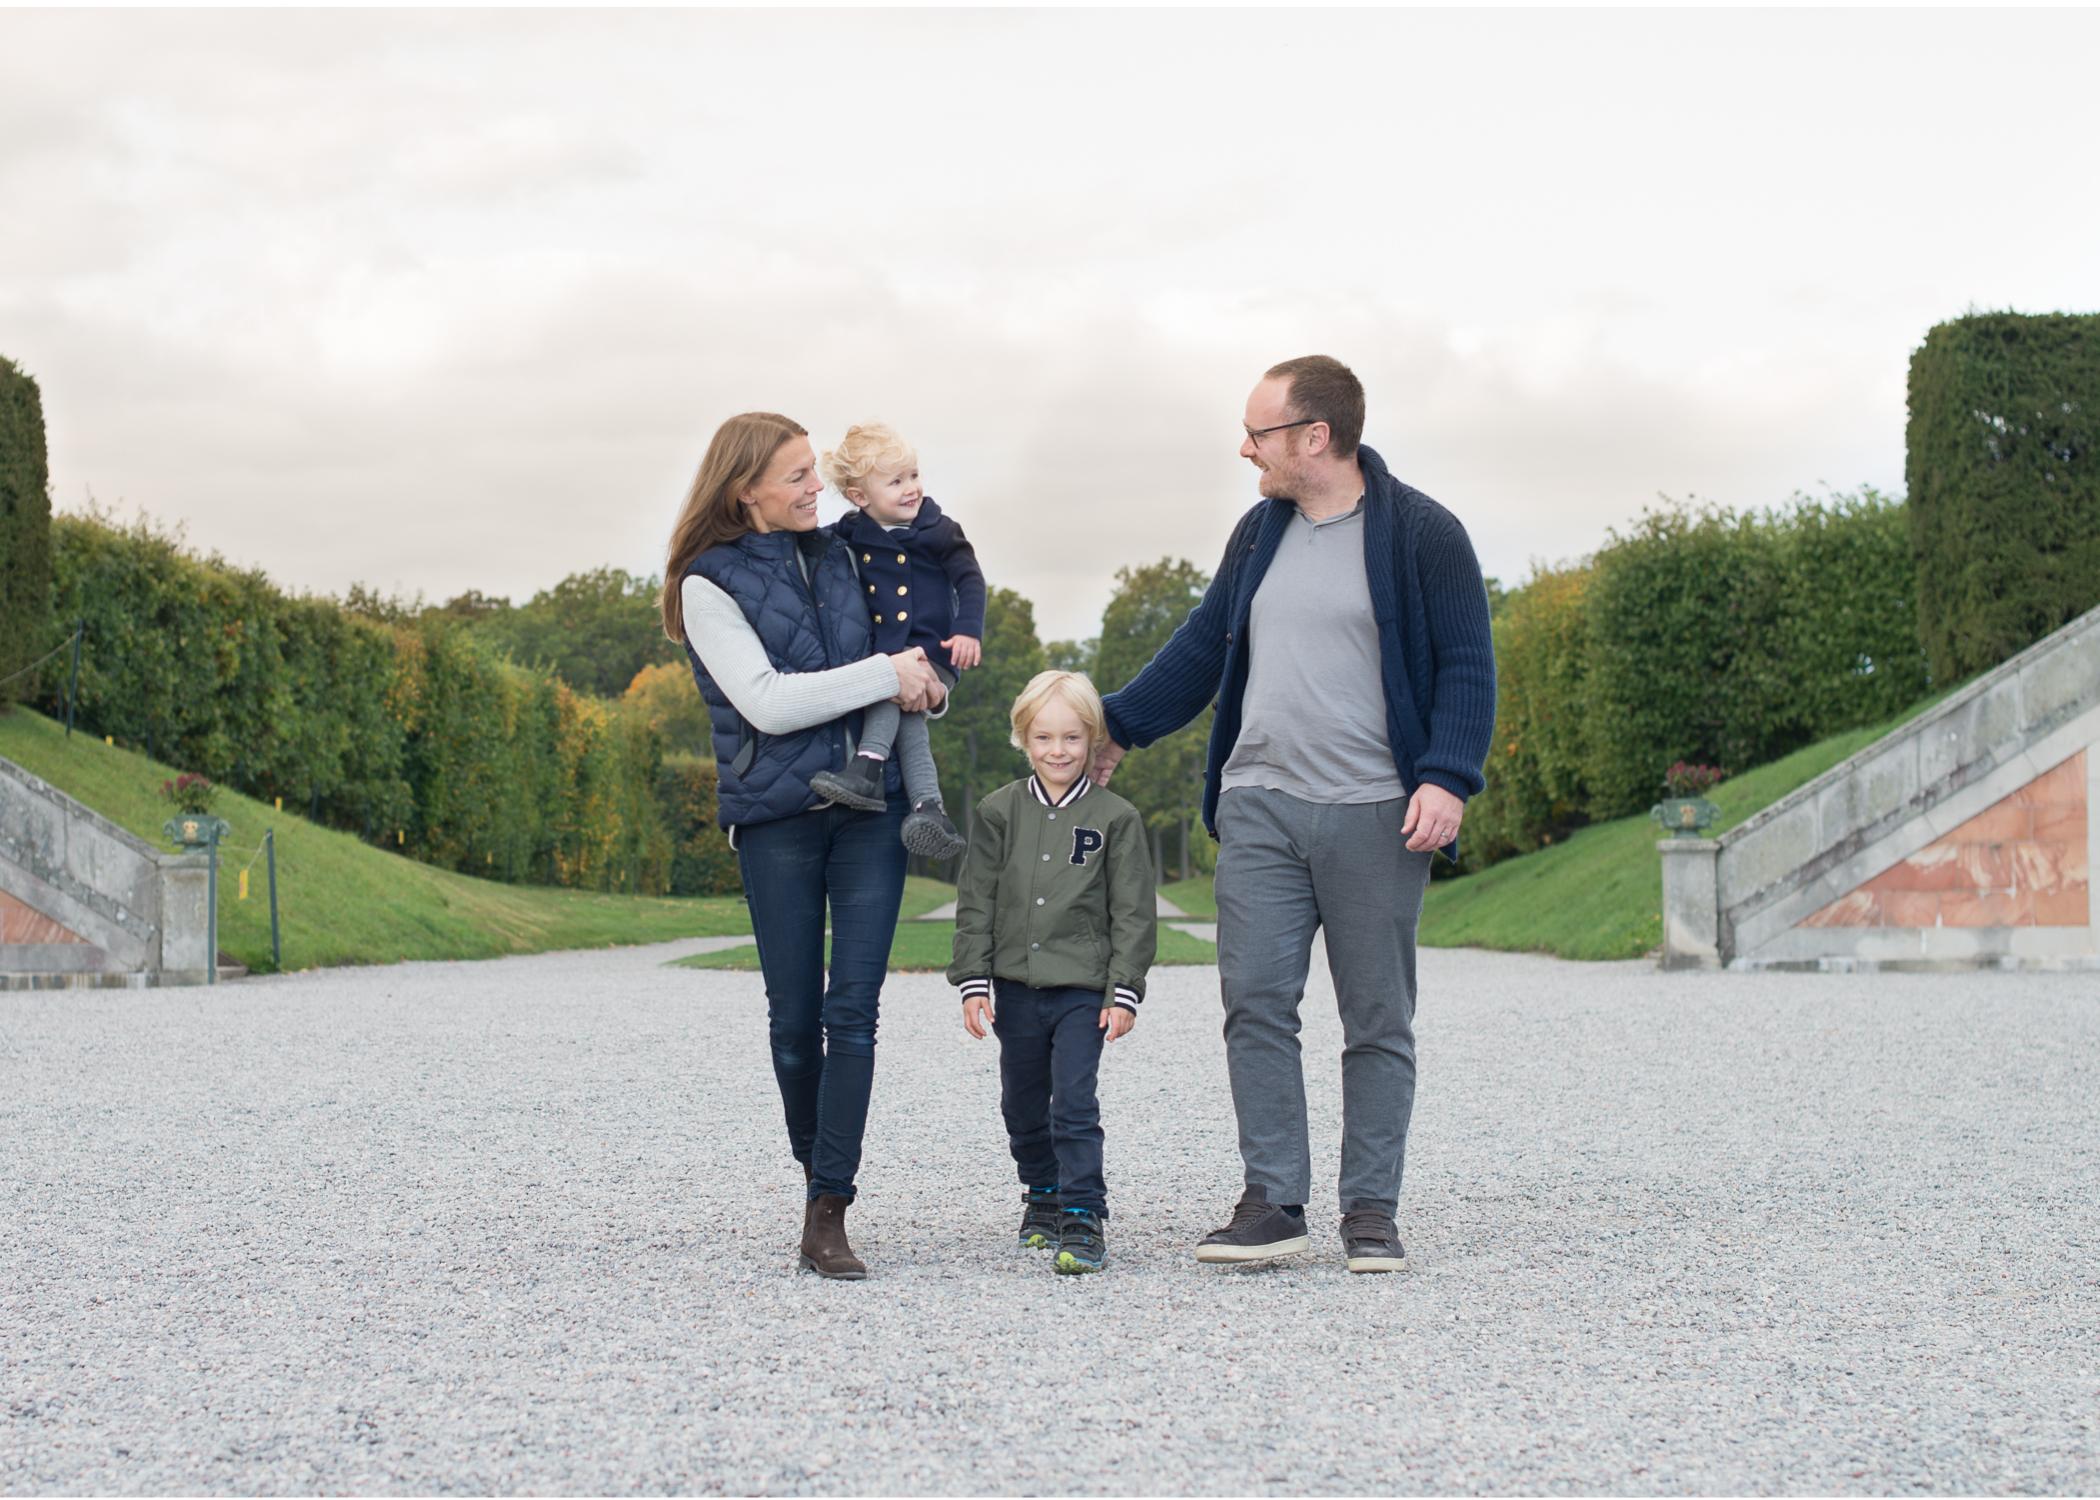 Fotografering på Drottningholm - Avslappnad och busig familjefotografering med fotograf Erika Aminoff